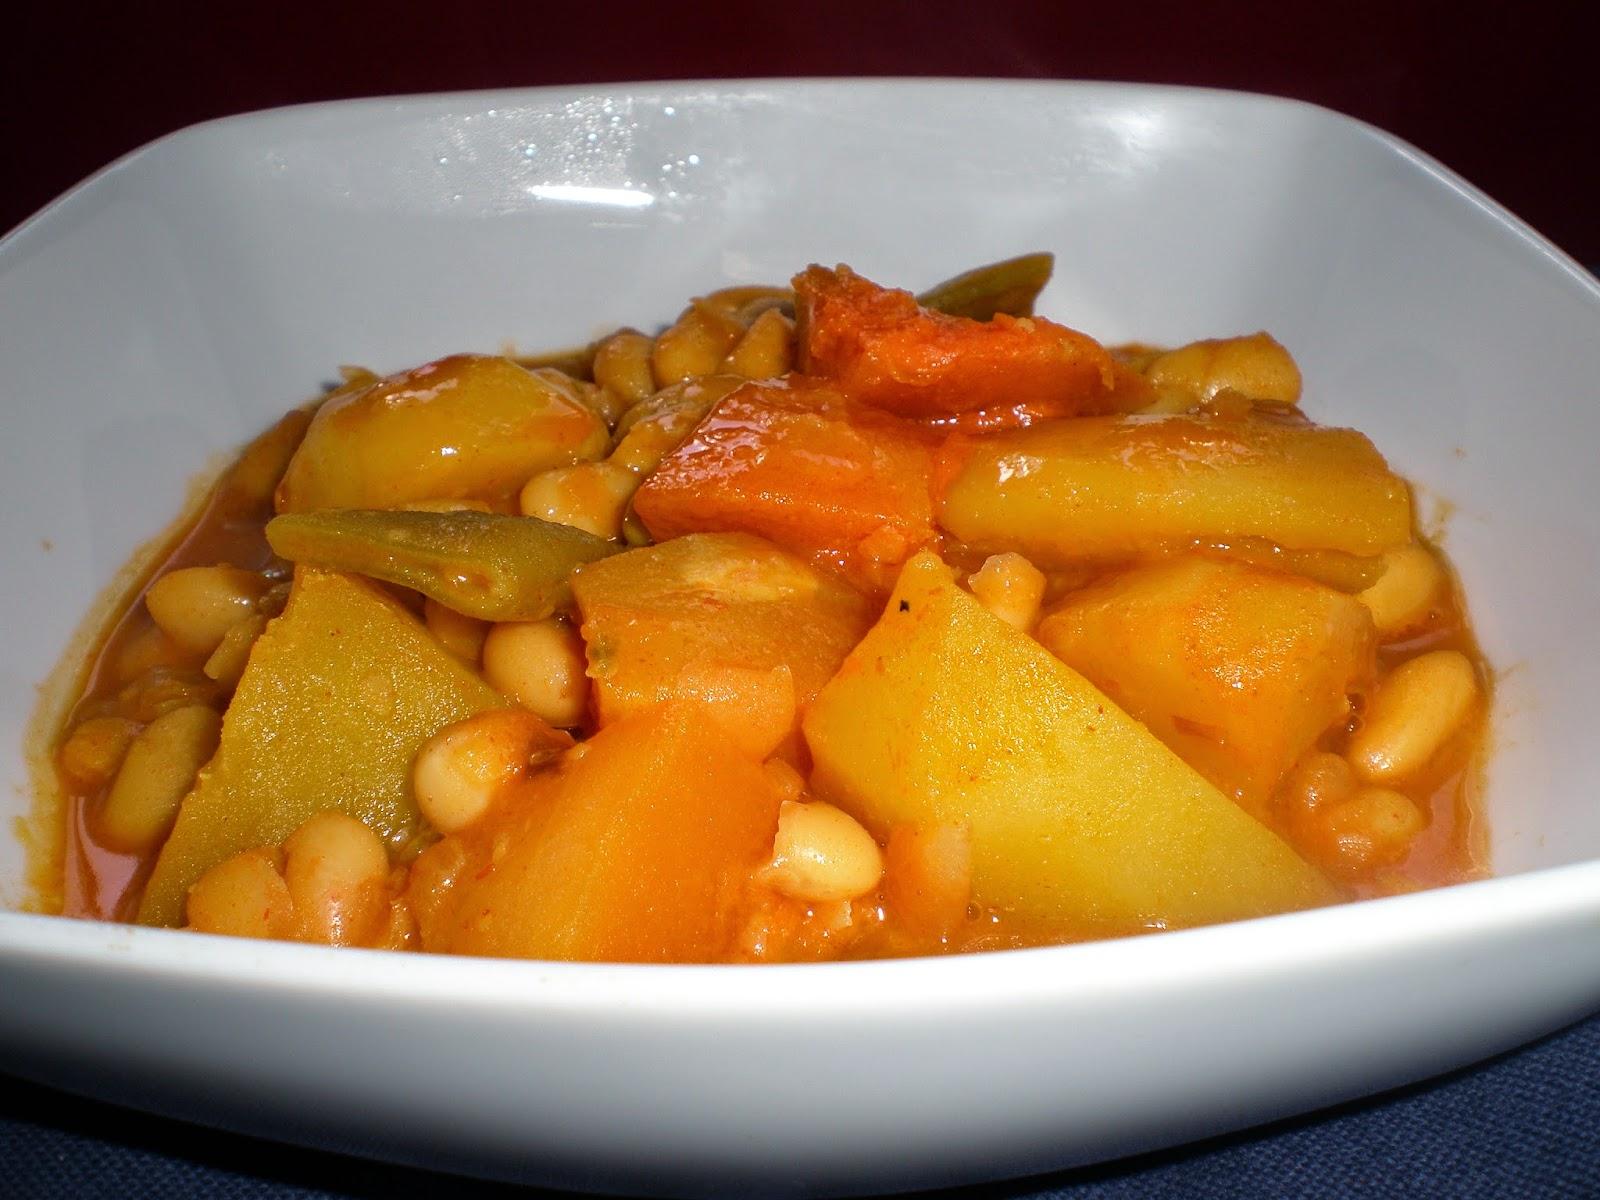 La cocinera novata potaje de calabaza y jud as - Potaje de garbanzos y judias ...